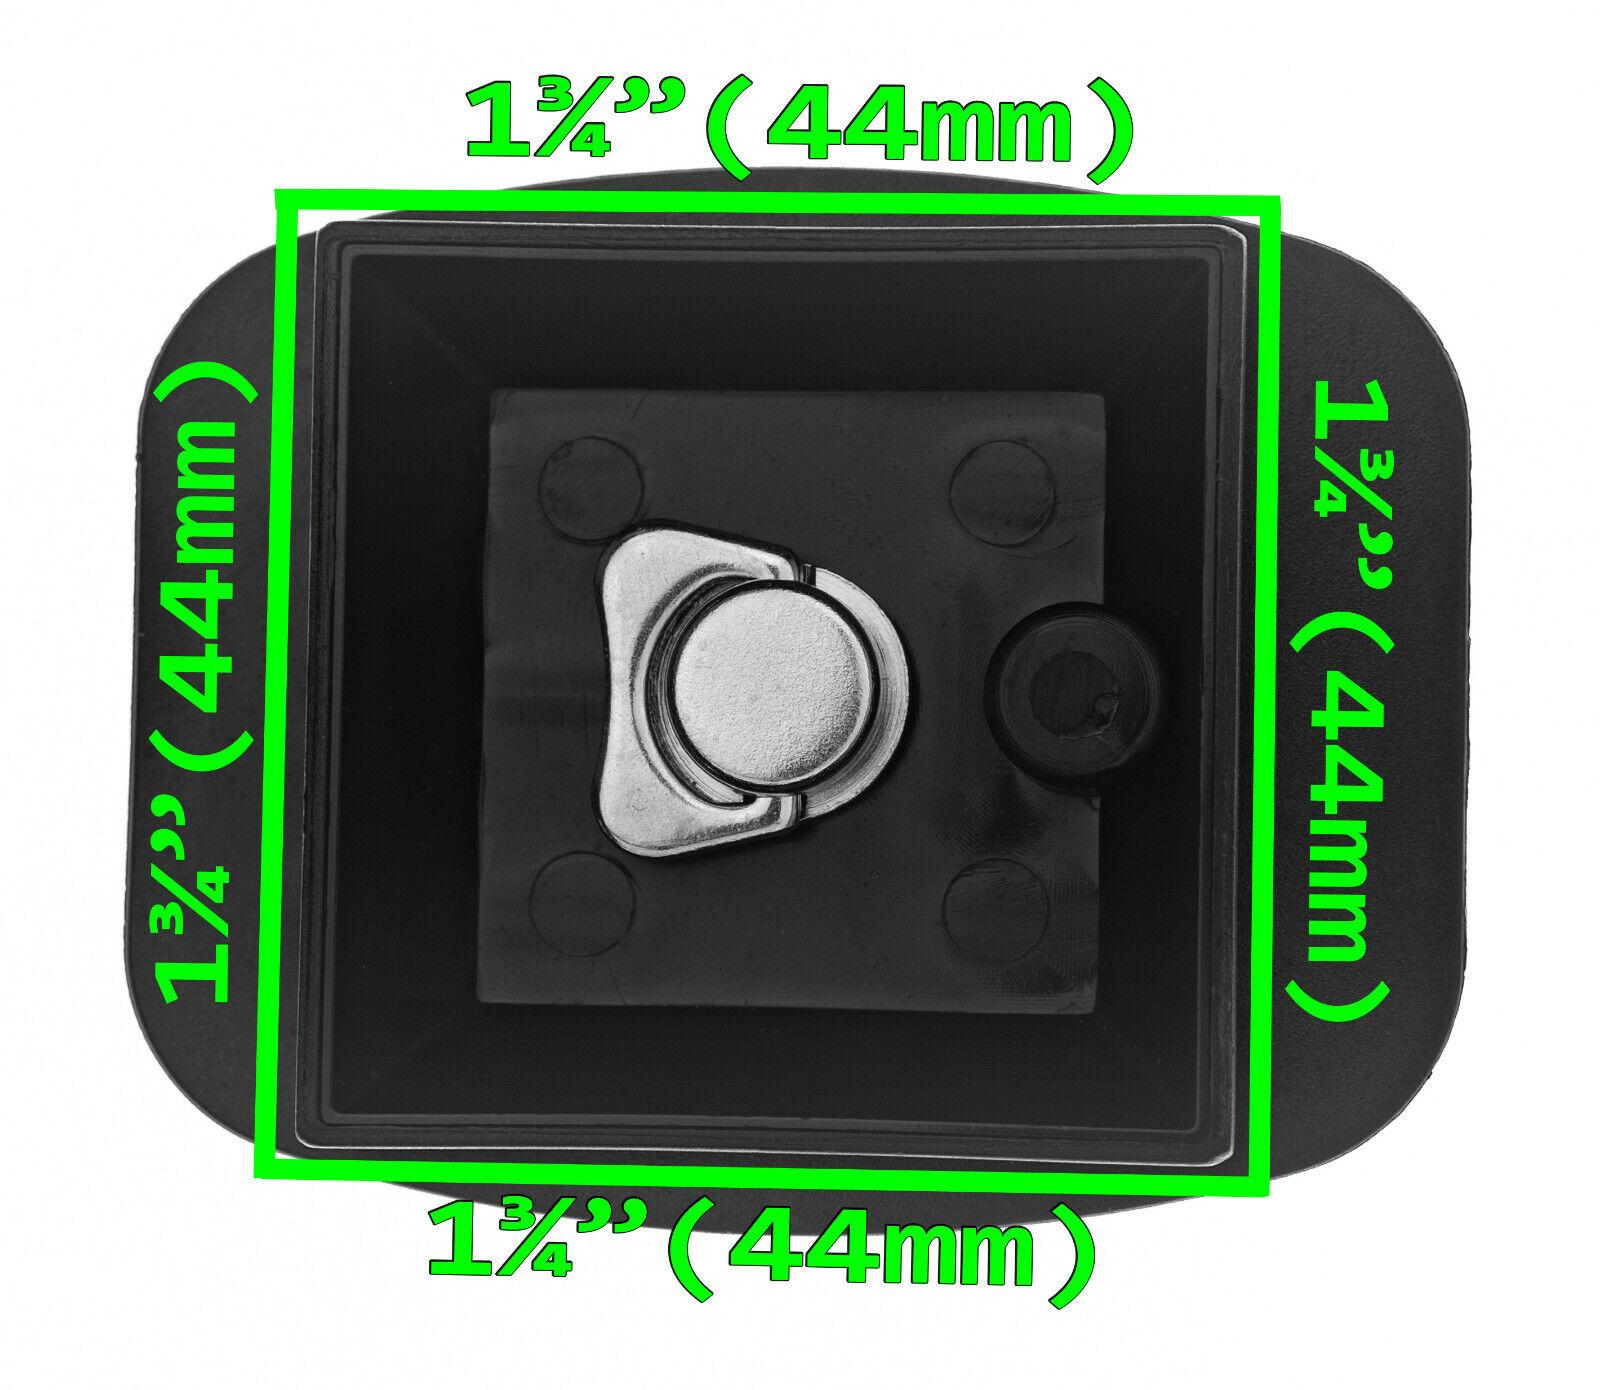 Velbon QB-4LC Quick release plate for Videomate 400 CX430 CX440 V5000 tripods